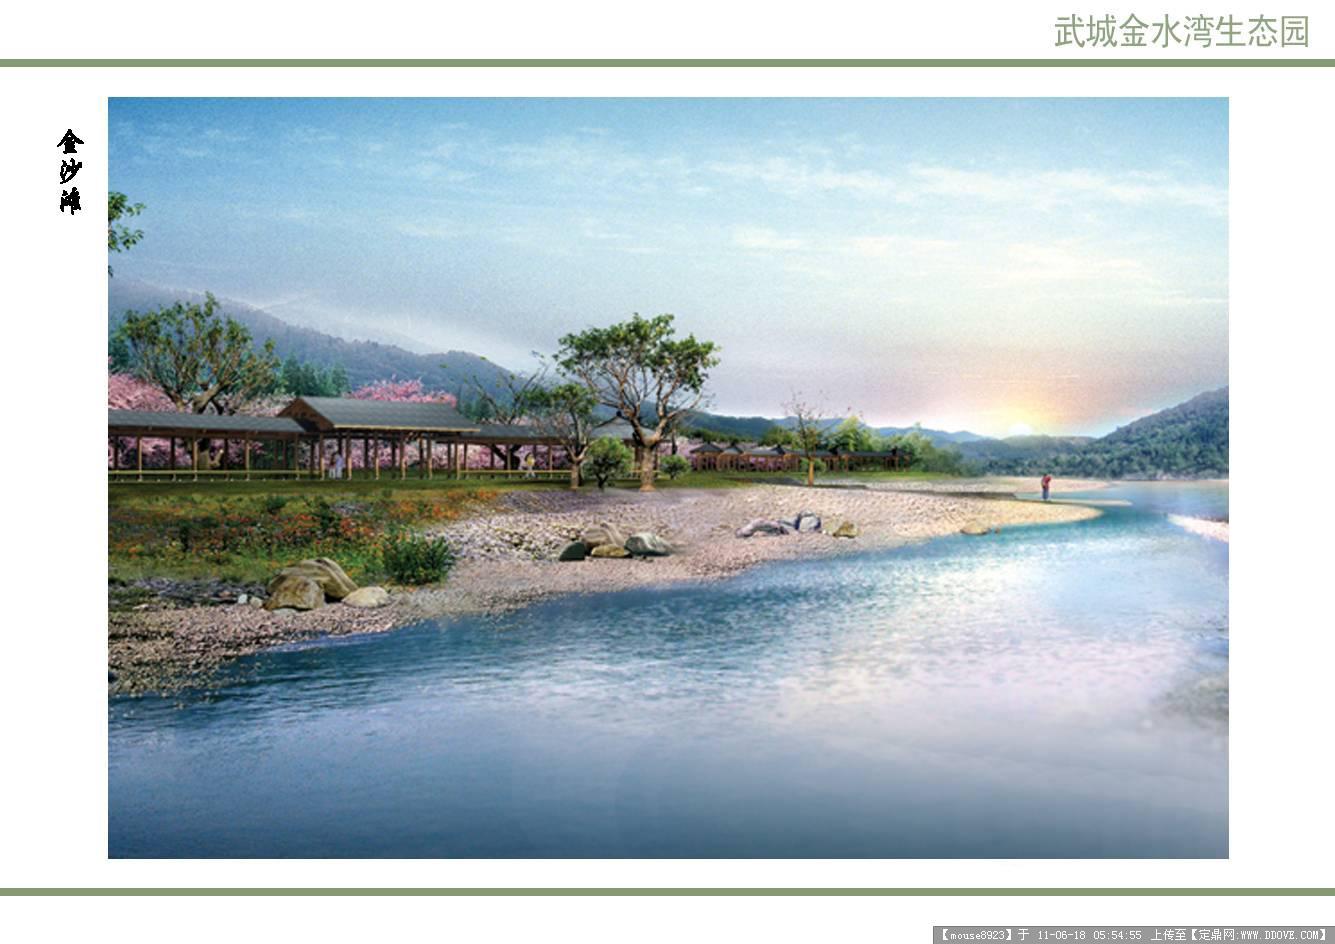 景观节点手绘效果图 公园景观设计效果图 荷塘公园景观效